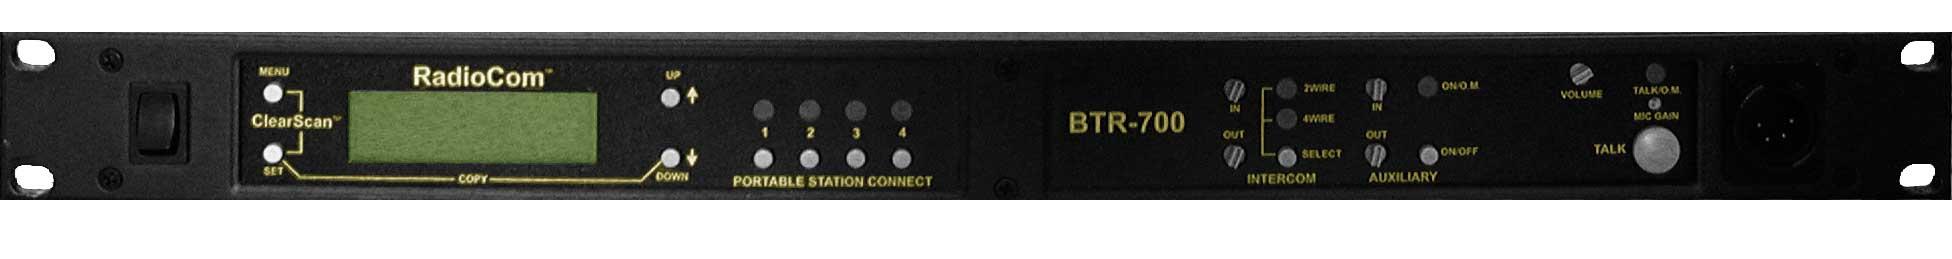 UHF Radiocom Base, 4pin Female